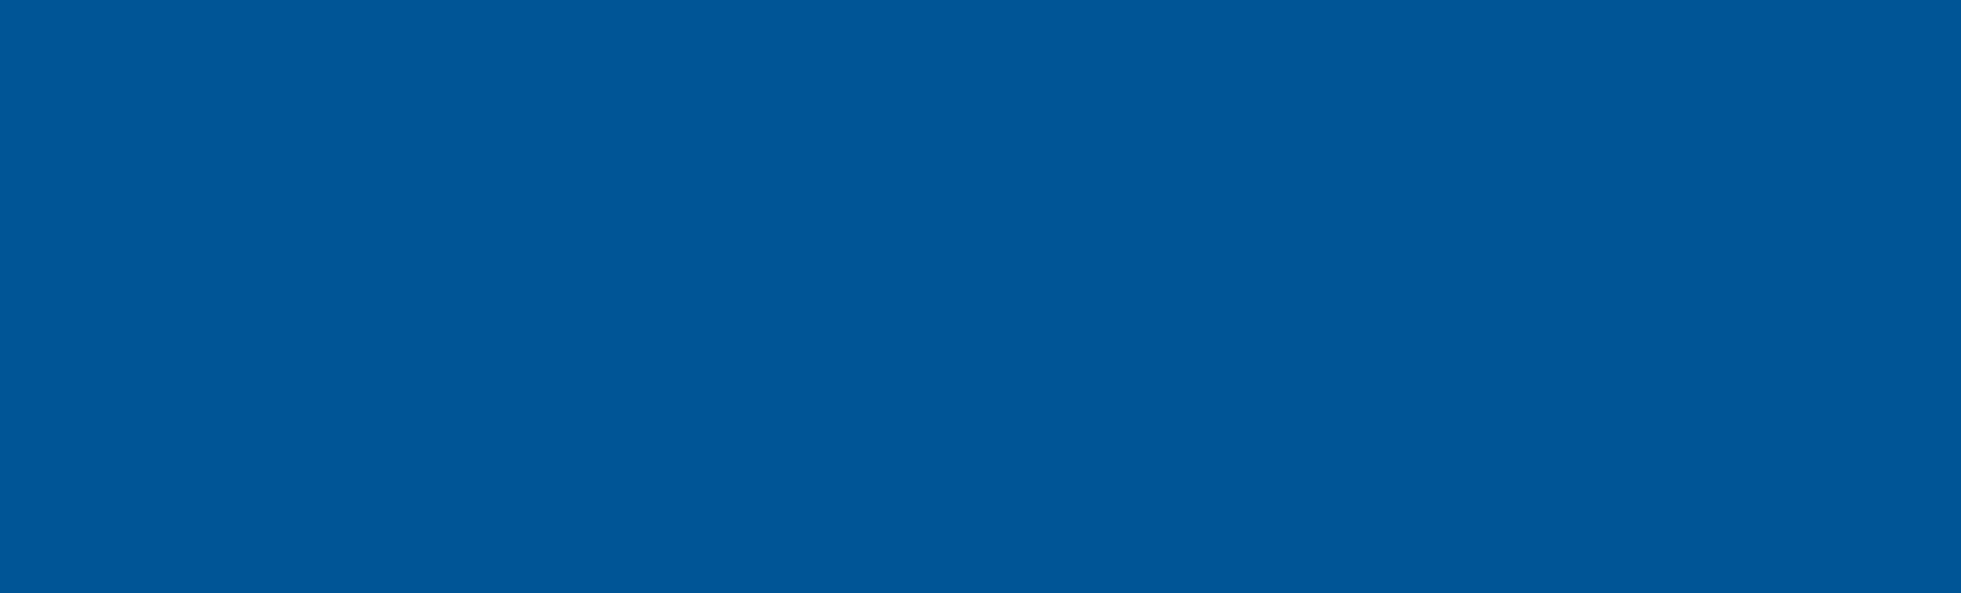 Glacier Media Group logo